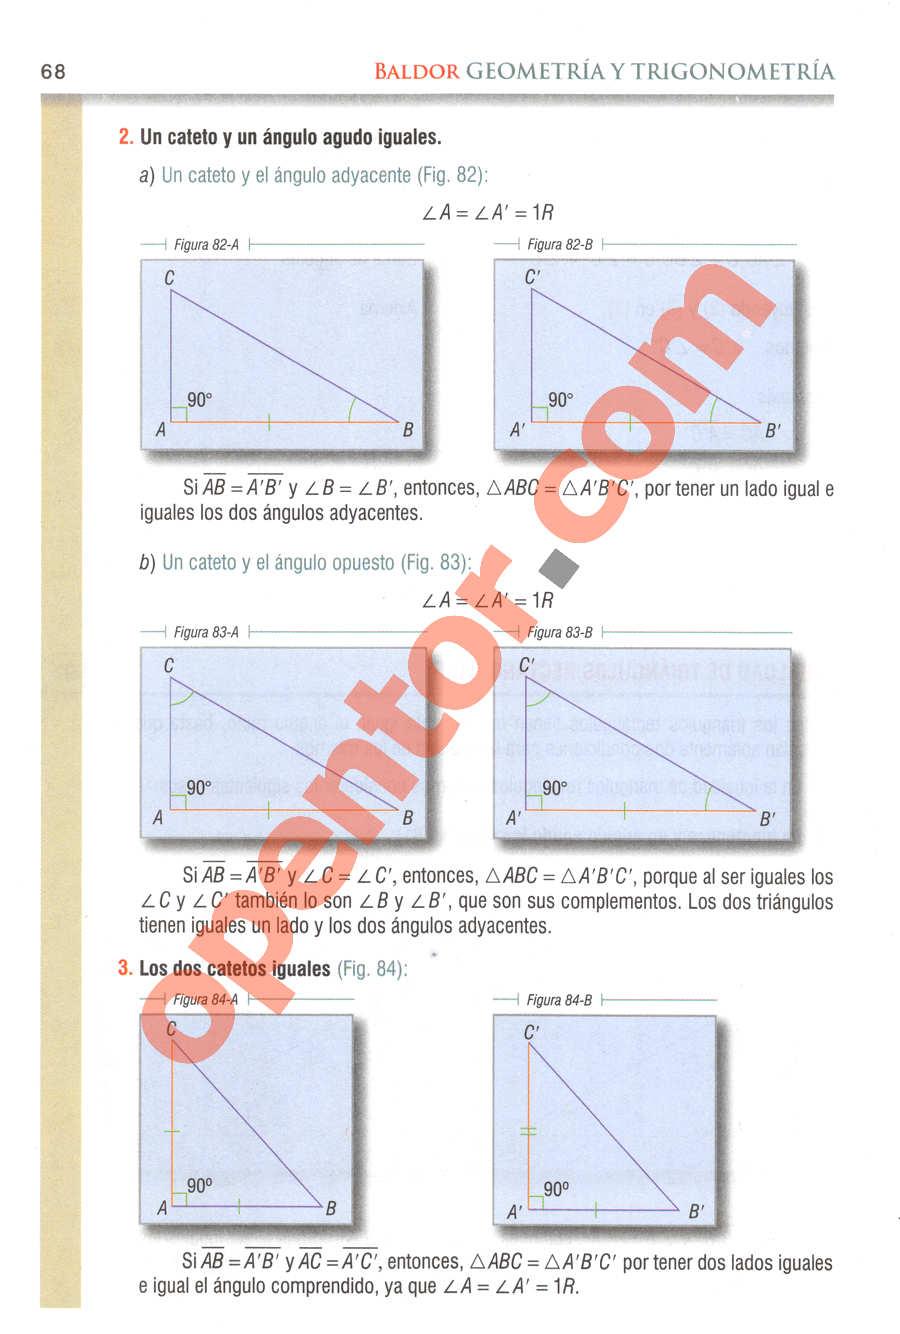 Geometría y Trigonometría de Baldor - Página 68